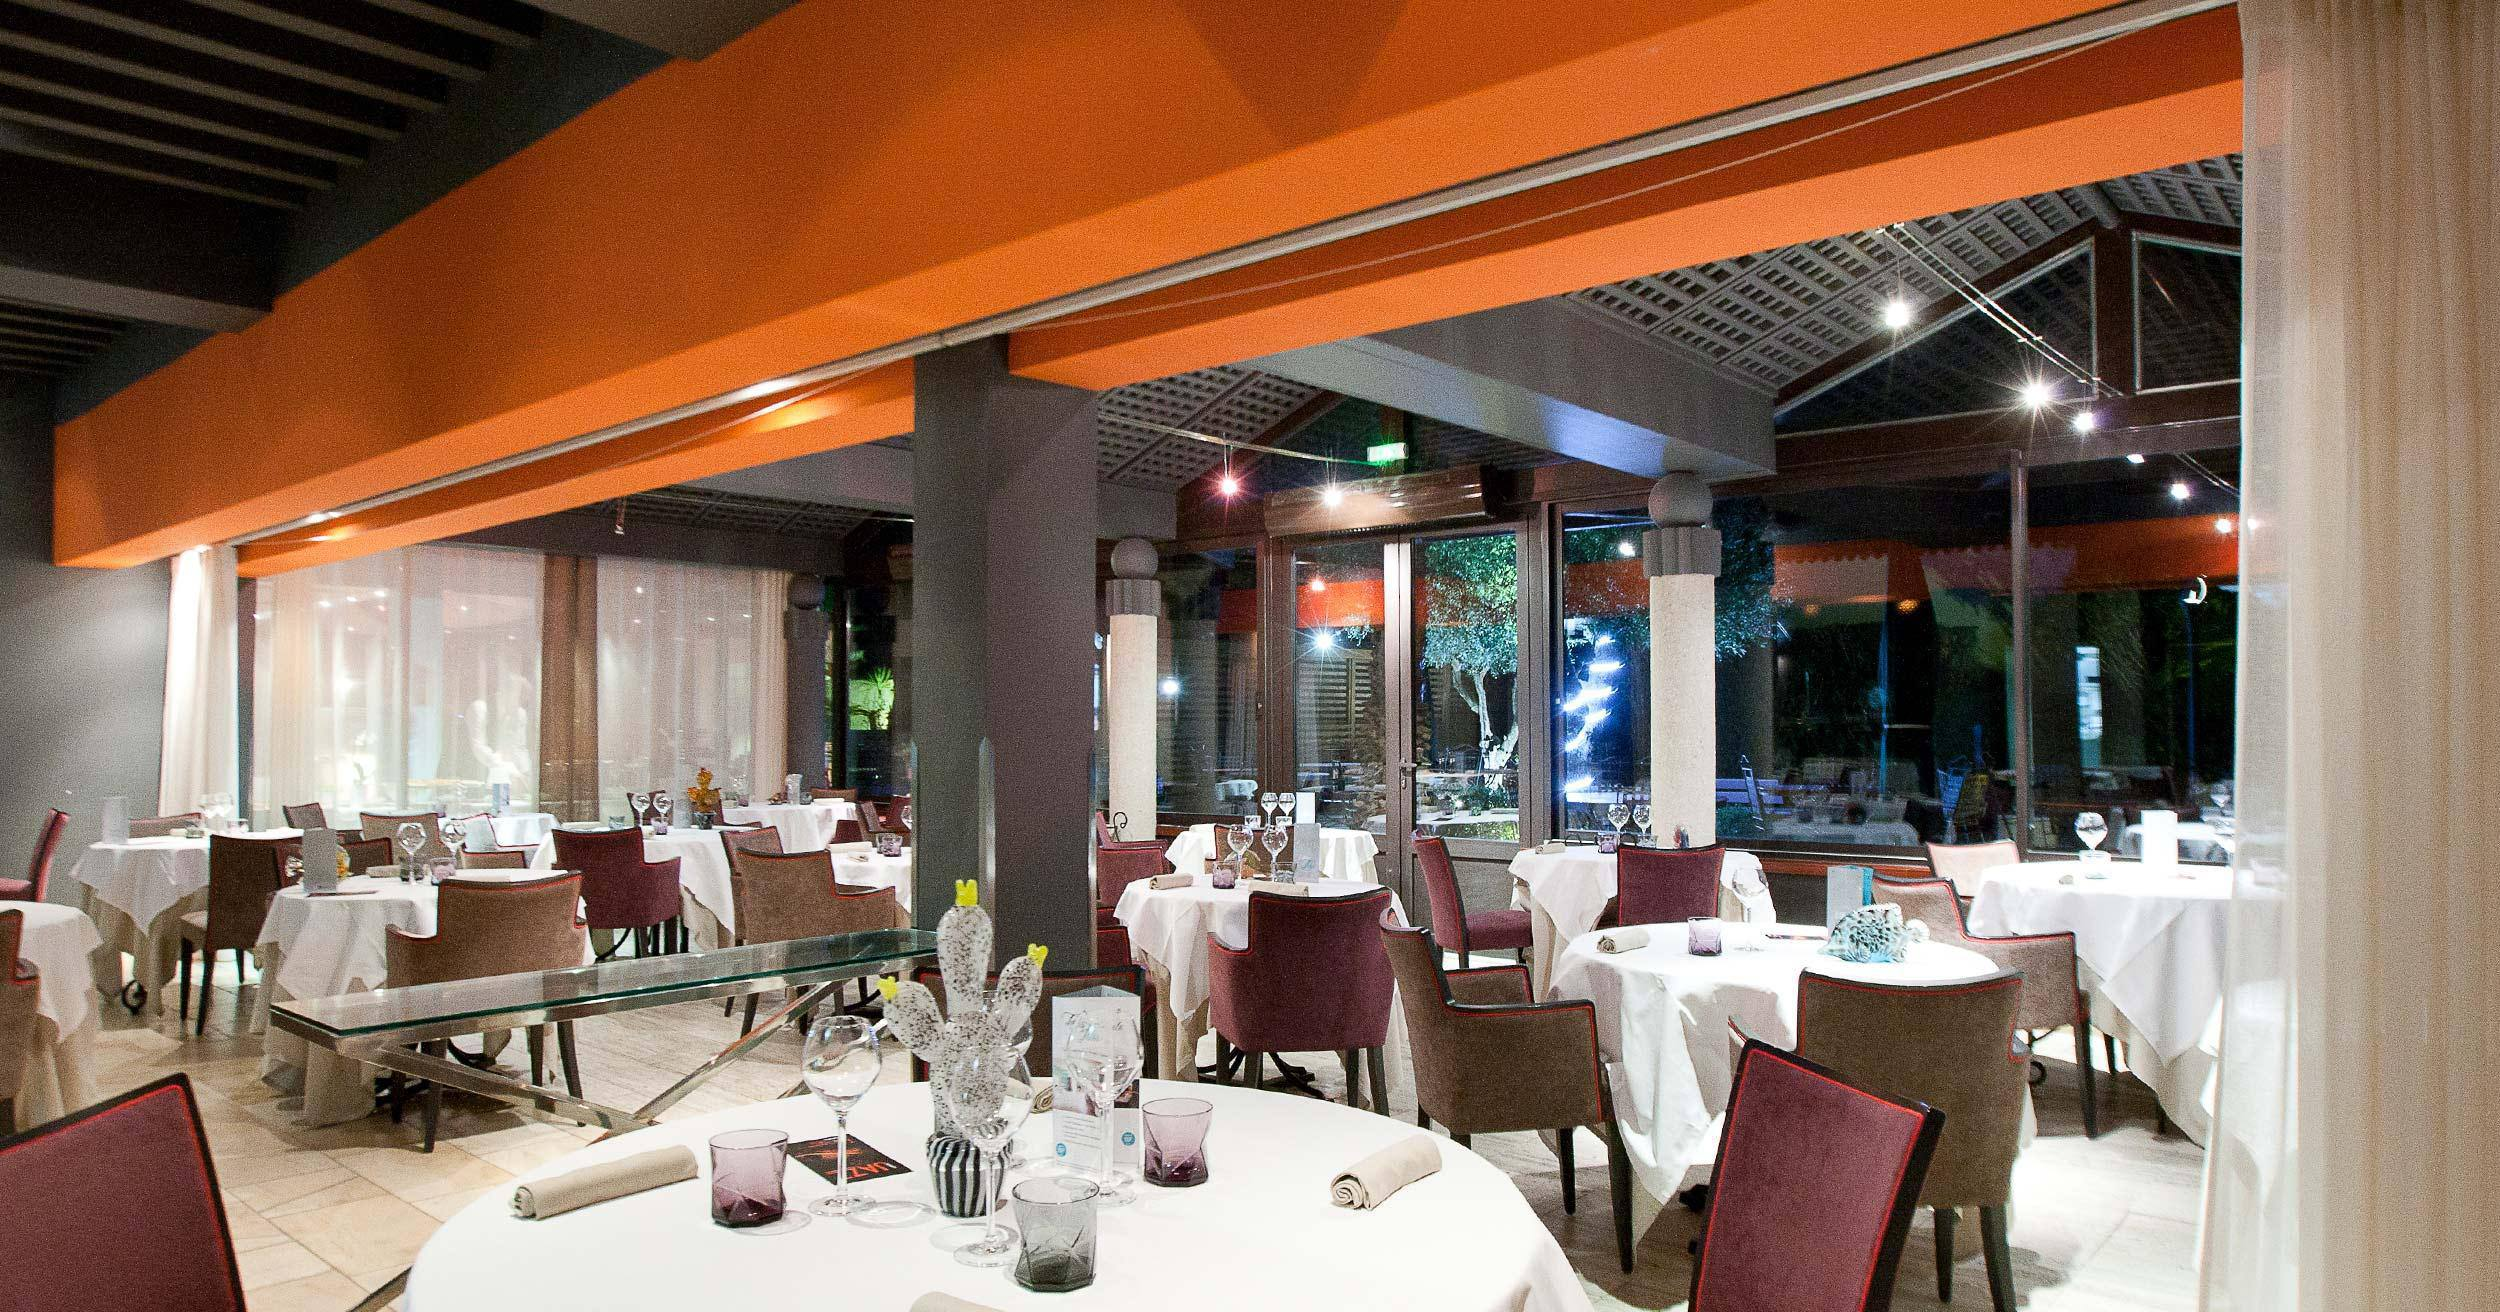 La salle du restaurant étoilé de L'Almandin à Saint-Cyprien